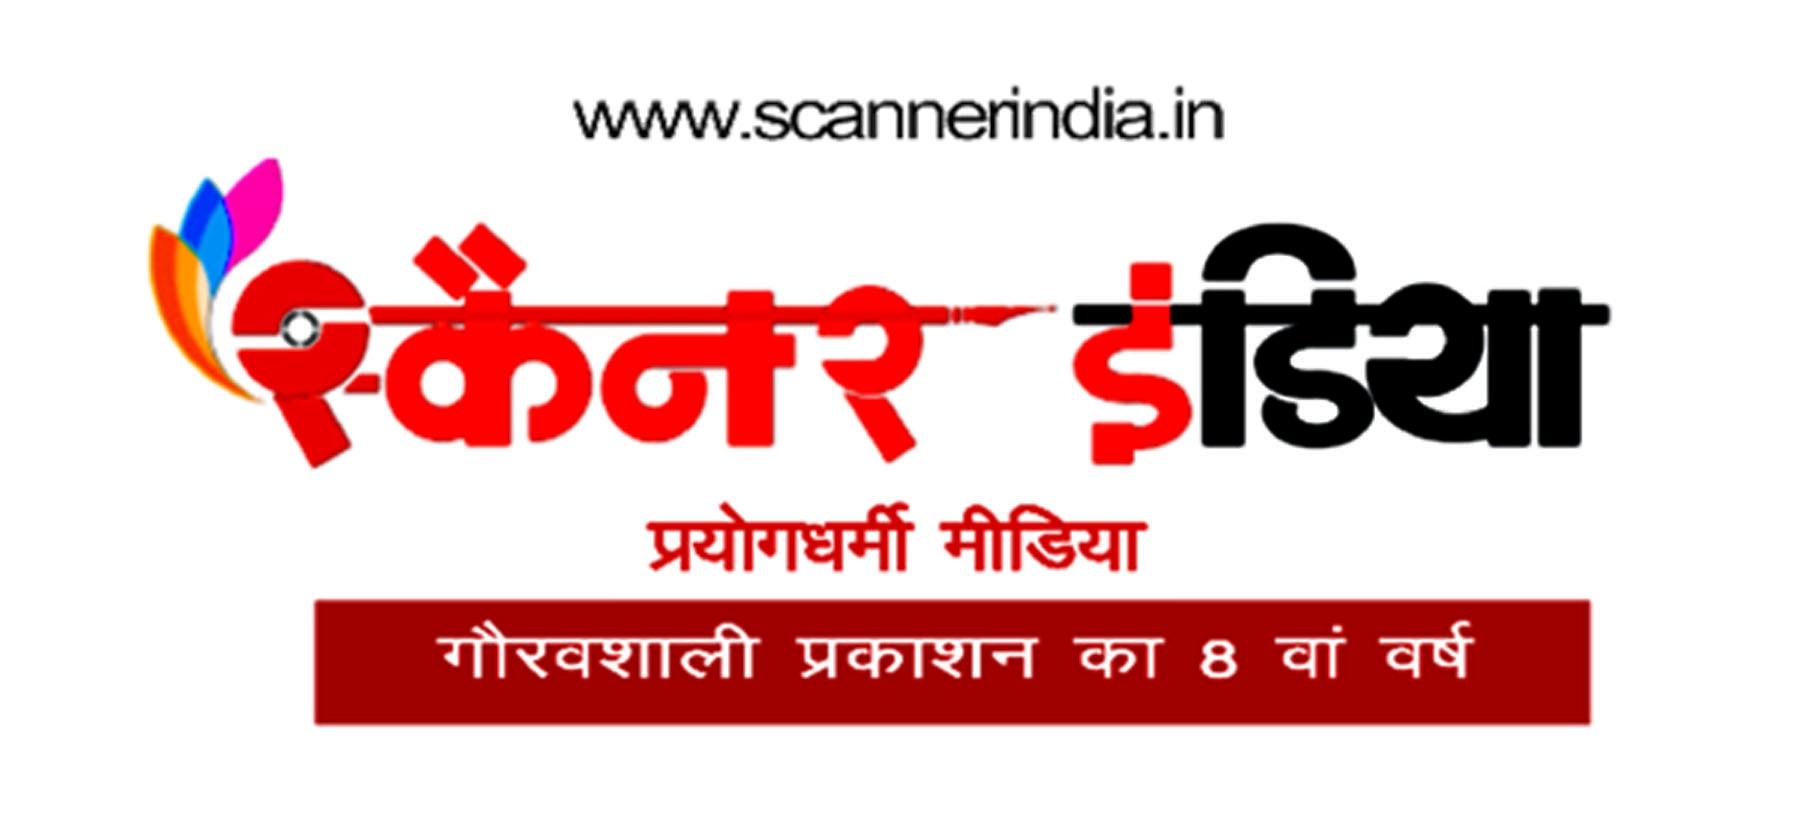 कोरोना ब्लास्ट @ भारत में पिछले 24 घंटे में कोरोना वायरस के सर्वाधिक 45,720 मामले सामने आए, 1,129 मौतें हुईं।